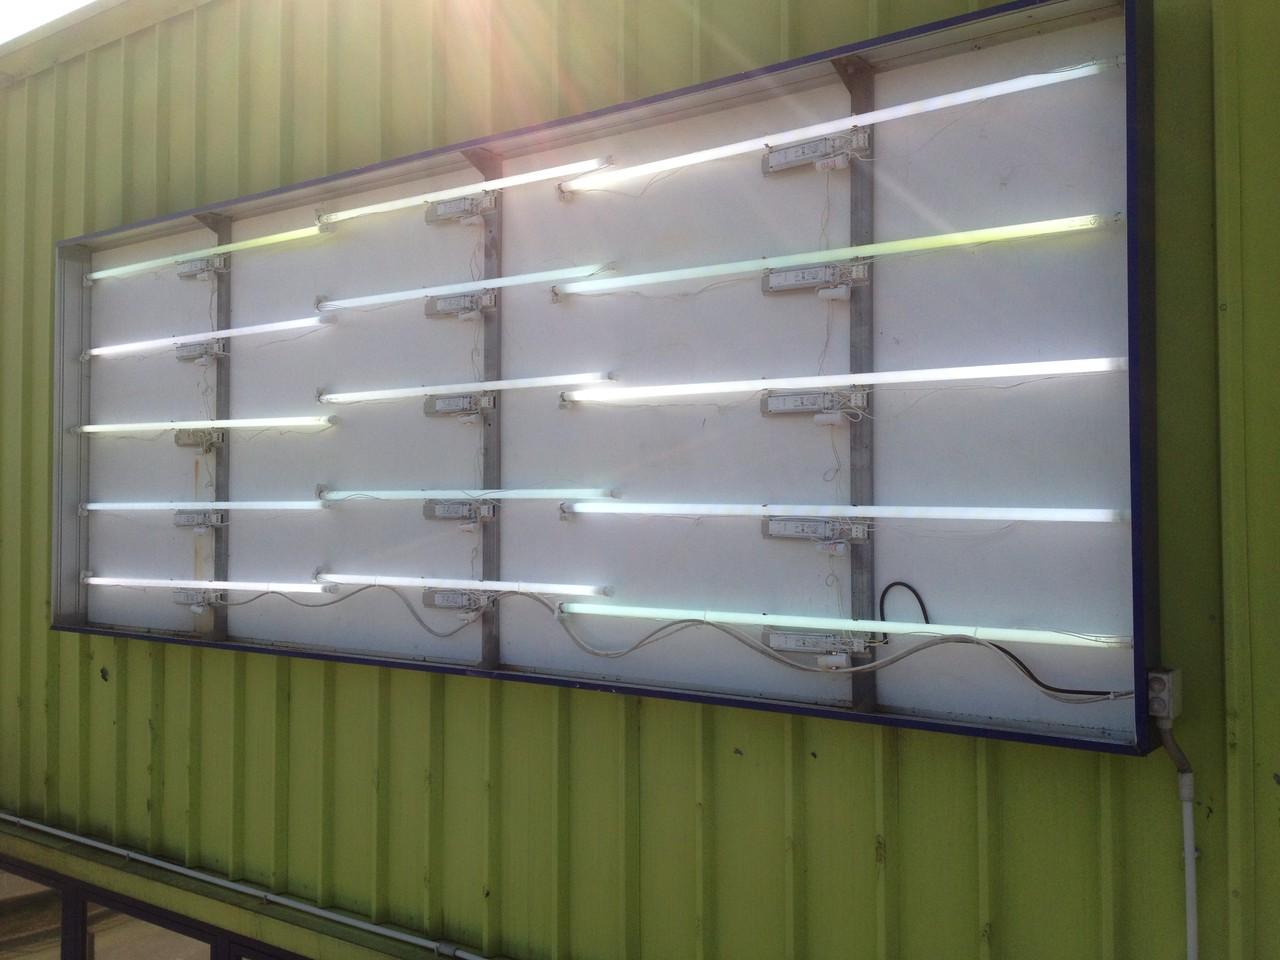 Lampade al neon nuove bancali di elettrodomestici archivio